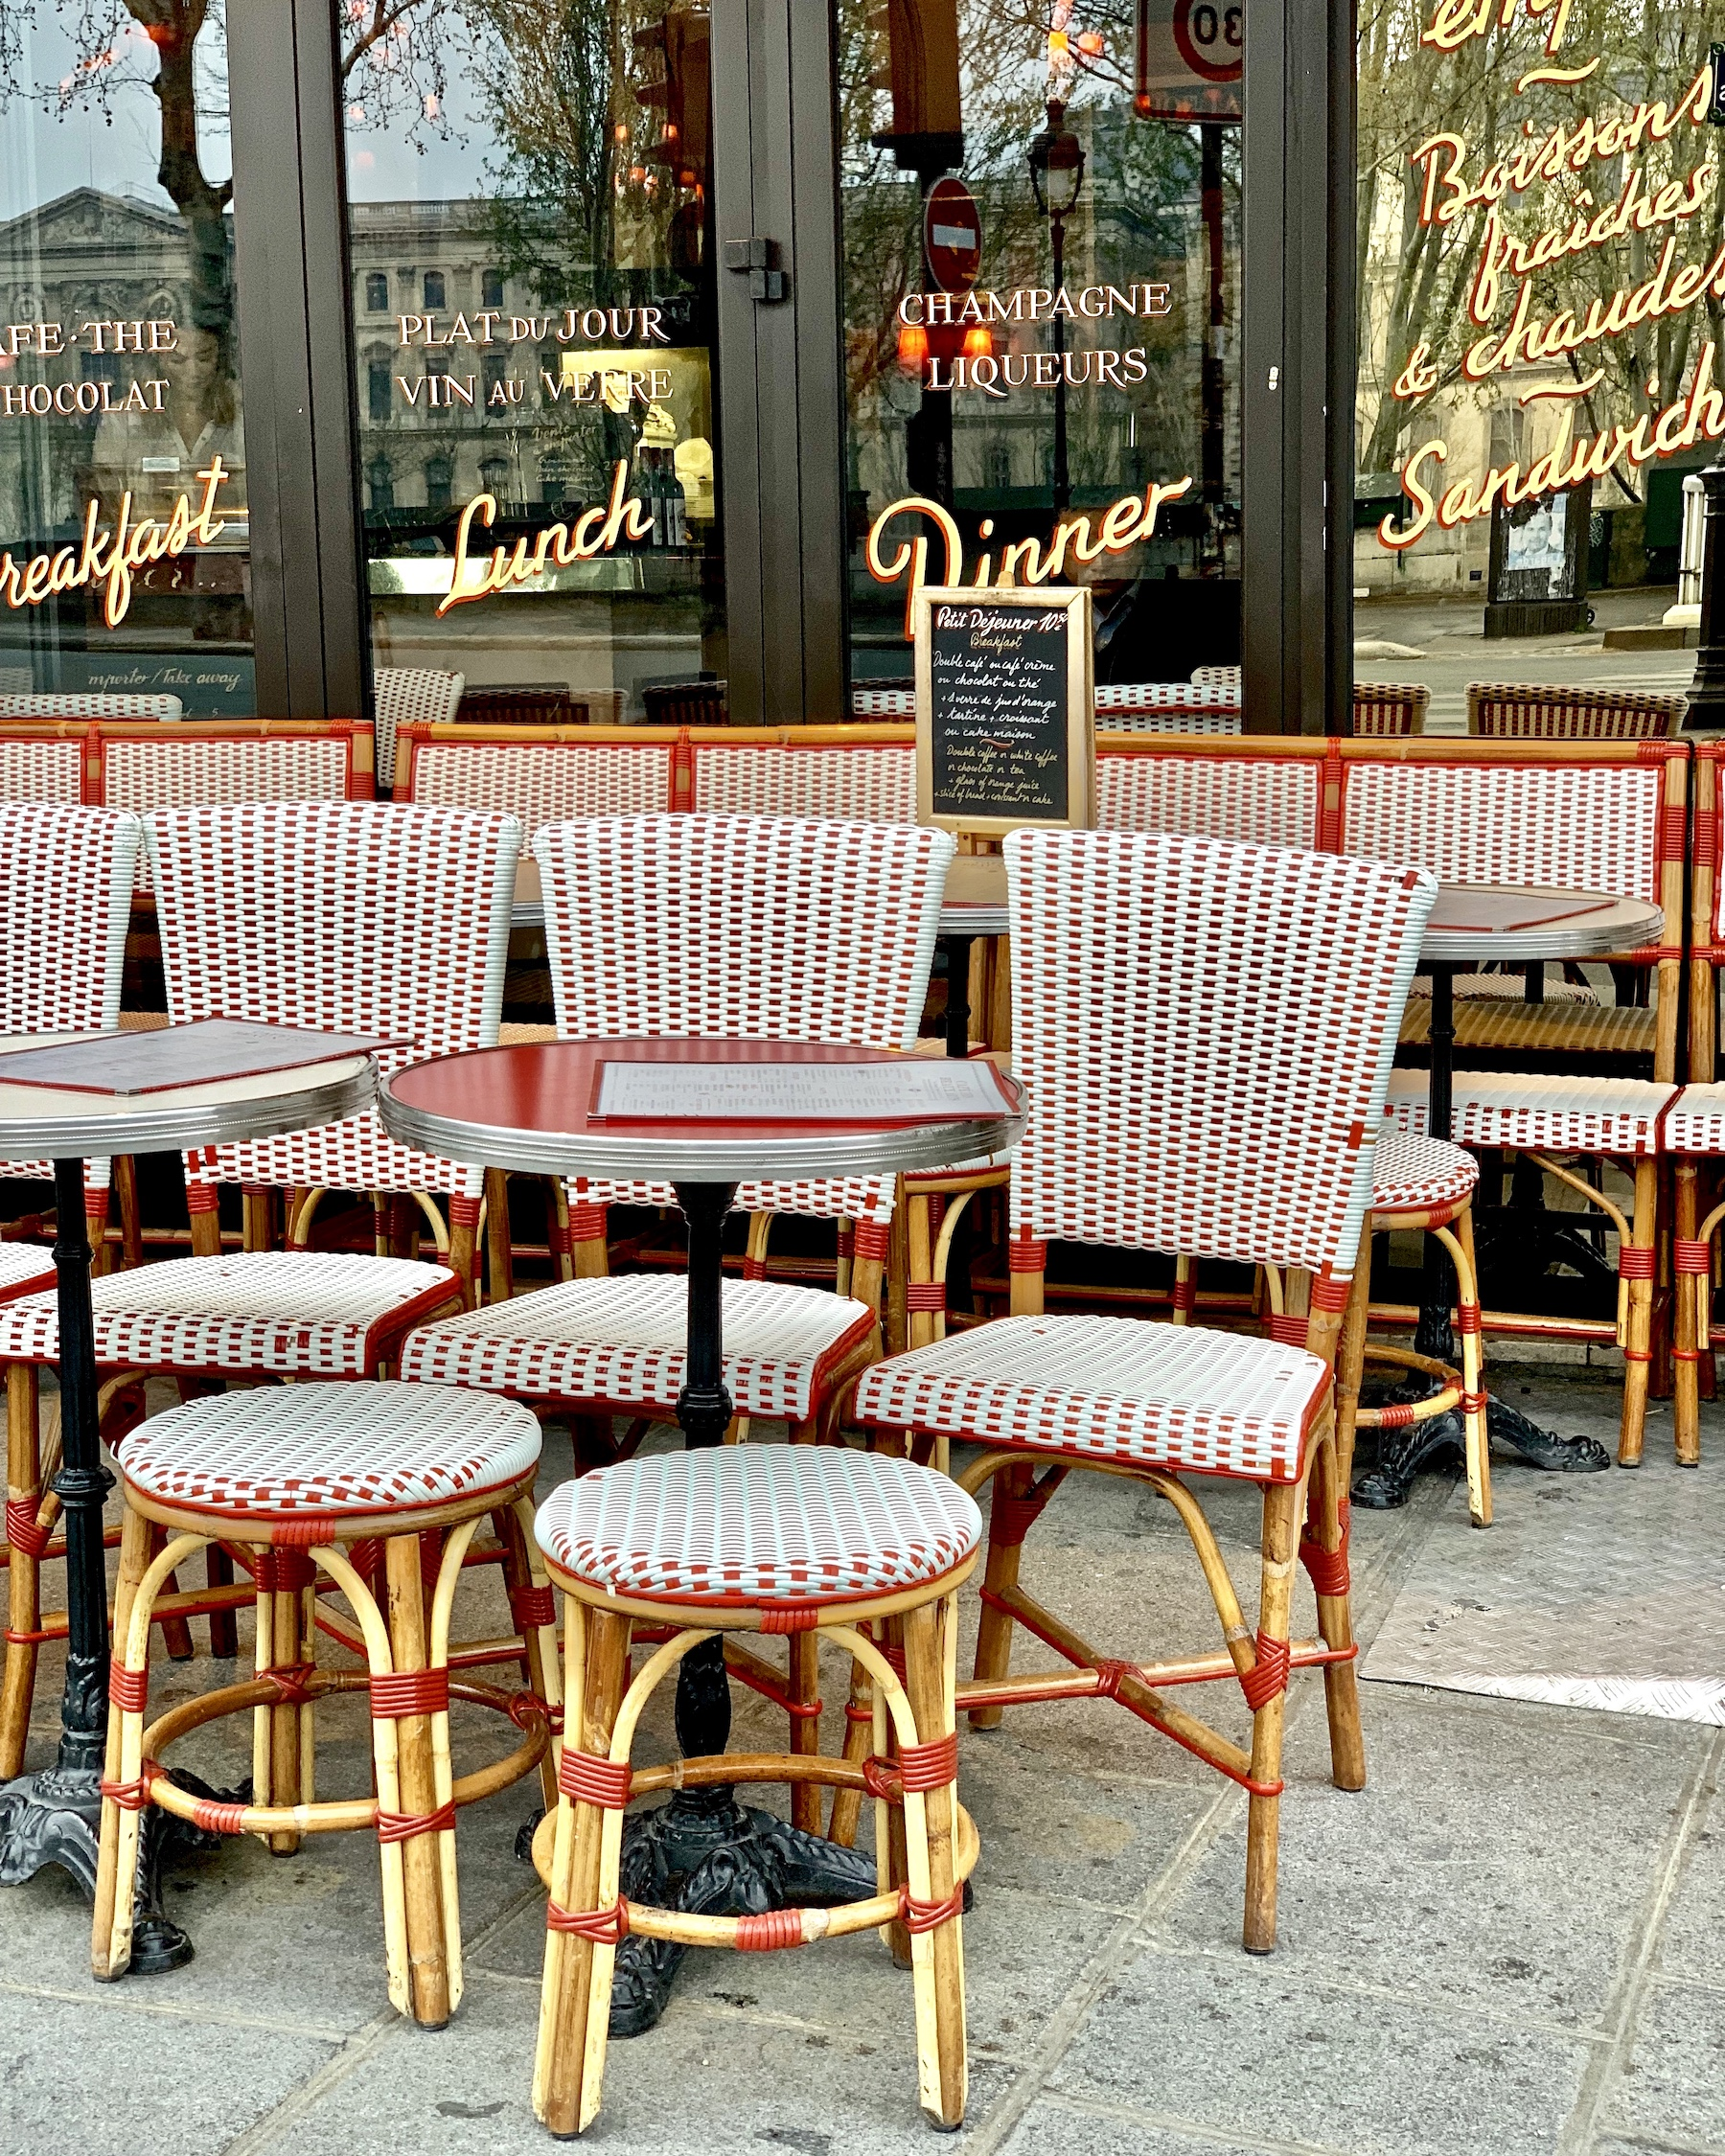 Café des Beaux Arts tables